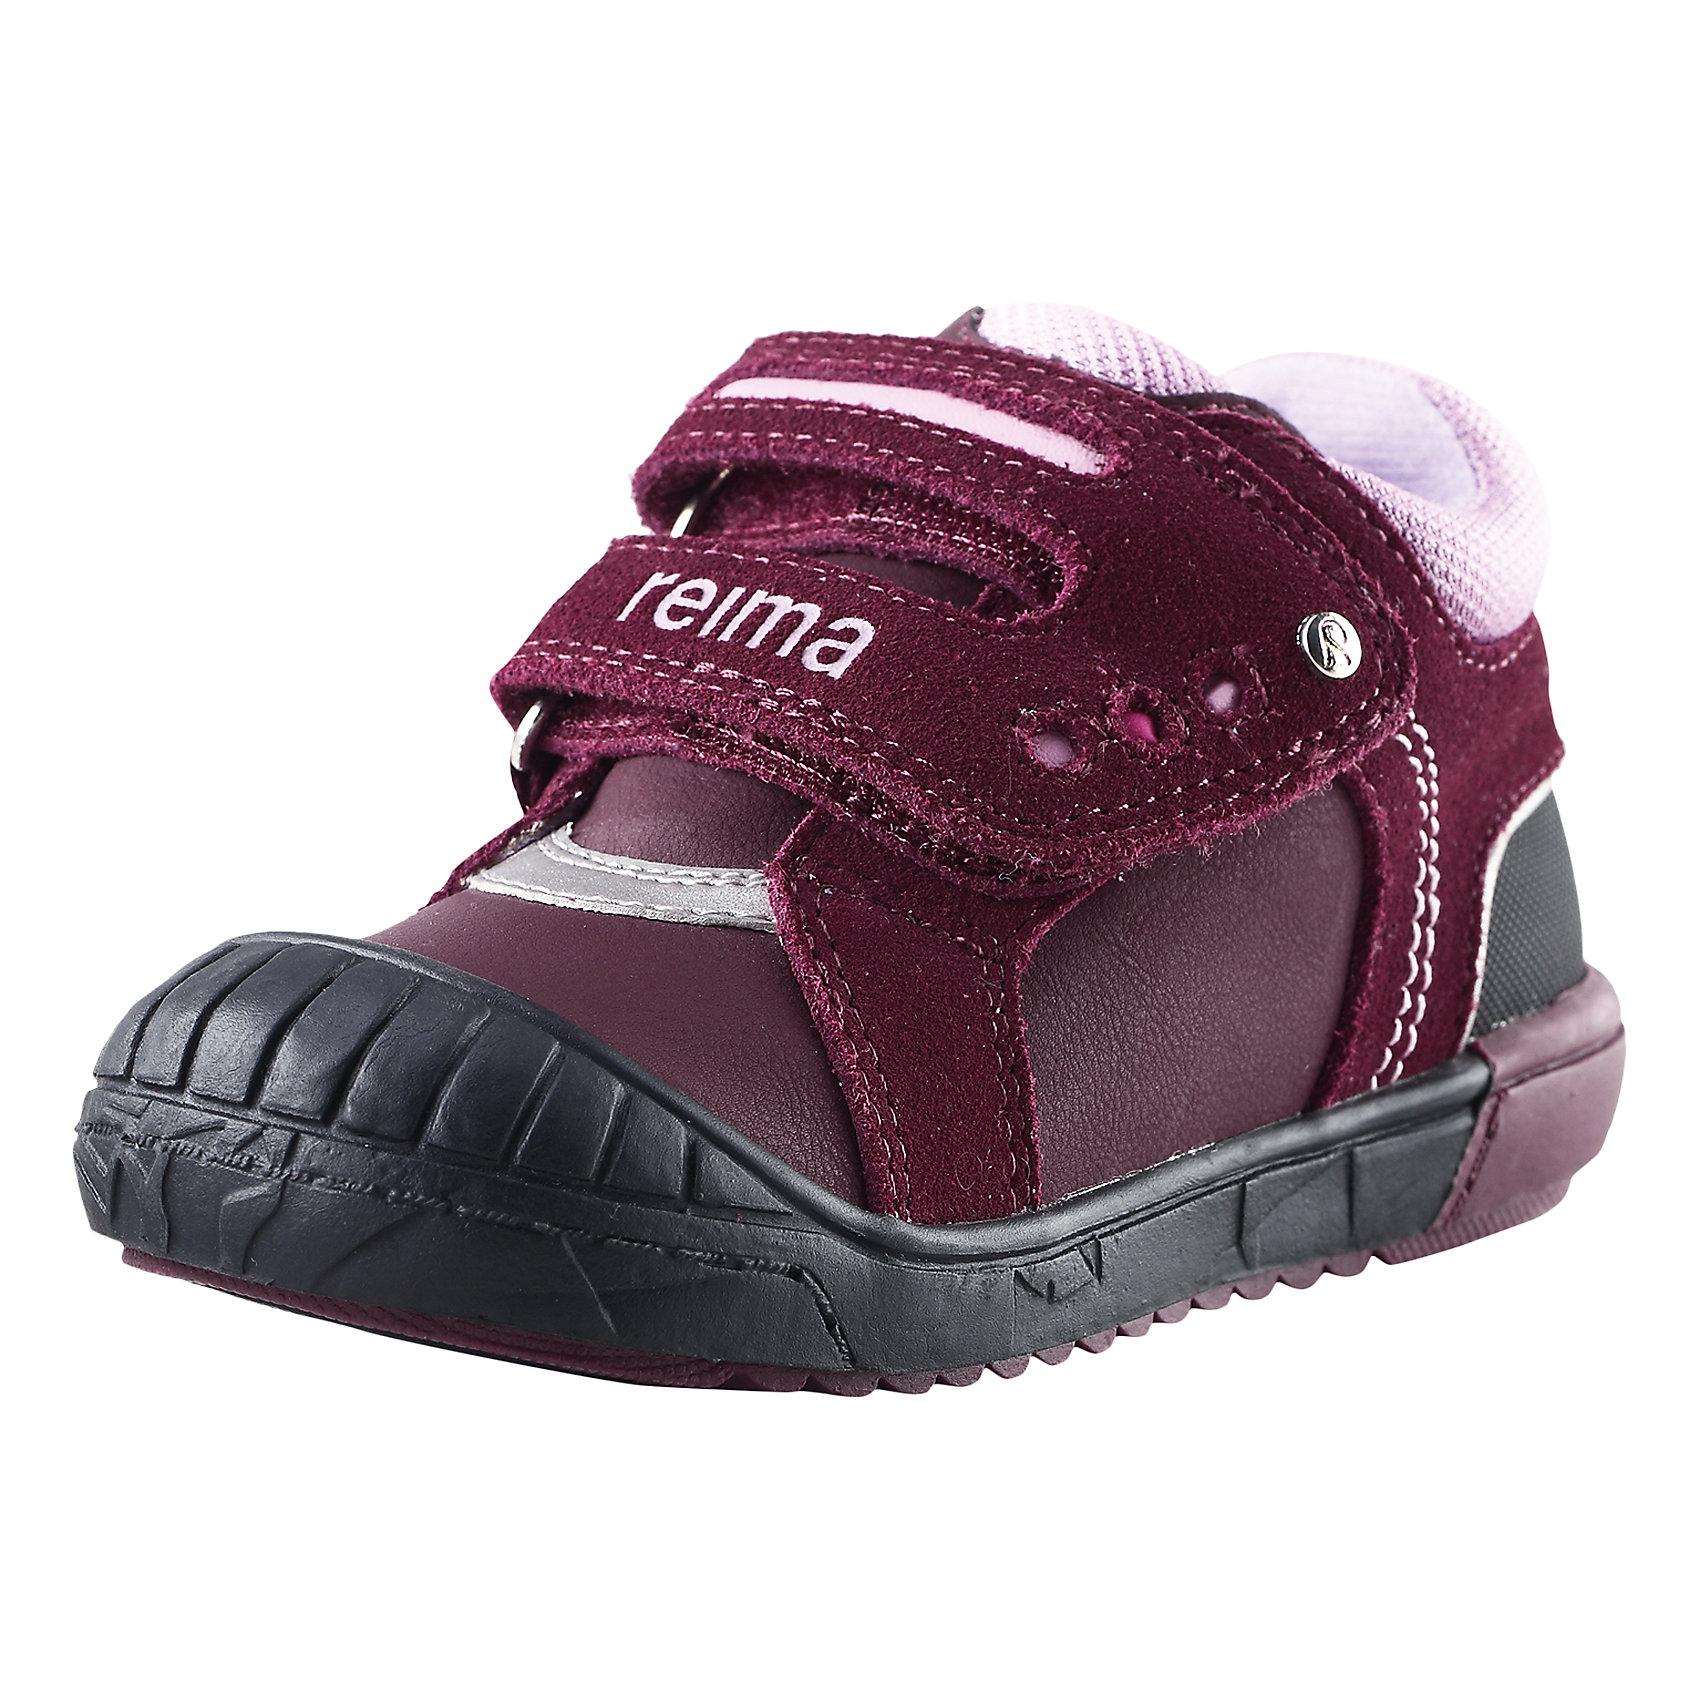 Ботинки Bremen Reimatec® ReimaБотинки  Reimatec® Reima<br>Обувь для малышей. Верх из натуральной замши (из телячьей кожи) и синтетического материала. Подошва из термопластичного каучука обеспечивает хорошее сцепление с поверхностью .Текстильная подкладка. Съемные стельки с рисунком Happy Fit, которые помогают определить размер. Застежки на липучках обеспечивают простоту использования. Светоотражающие детали.<br>Уход:<br>Храните обувь в вертикальном положении при комнатной температуре. Сушить обувь всегда следует при комнатной температуре: вынув съемные стельки. Стельки следует время от времени заменять на новые. Налипшую грязь можно счищать щеткой или влажной тряпкой. Перед использованием обувь рекомендуется обрабатывать специальными защитными средствами.<br>Состав:<br>Подошва: 100% термопластичная резина, Верх: 40% ПУ, 50% Кожа, 10% ПЭ<br><br>Ширина мм: 262<br>Глубина мм: 176<br>Высота мм: 97<br>Вес г: 427<br>Цвет: коричневый<br>Возраст от месяцев: 24<br>Возраст до месяцев: 24<br>Пол: Унисекс<br>Возраст: Детский<br>Размер: 25,24,28,22,27,26,20,21,23<br>SKU: 4776560